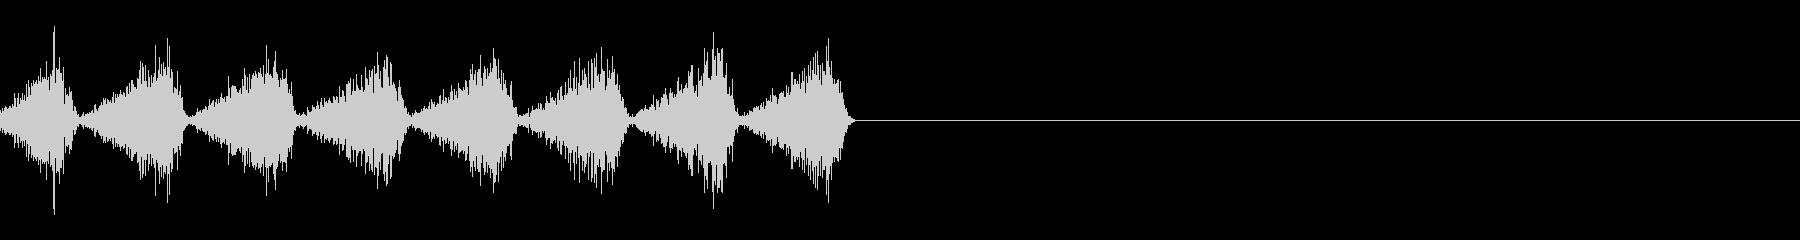 カサカサカサッ(虫/カードシャッフル)の未再生の波形